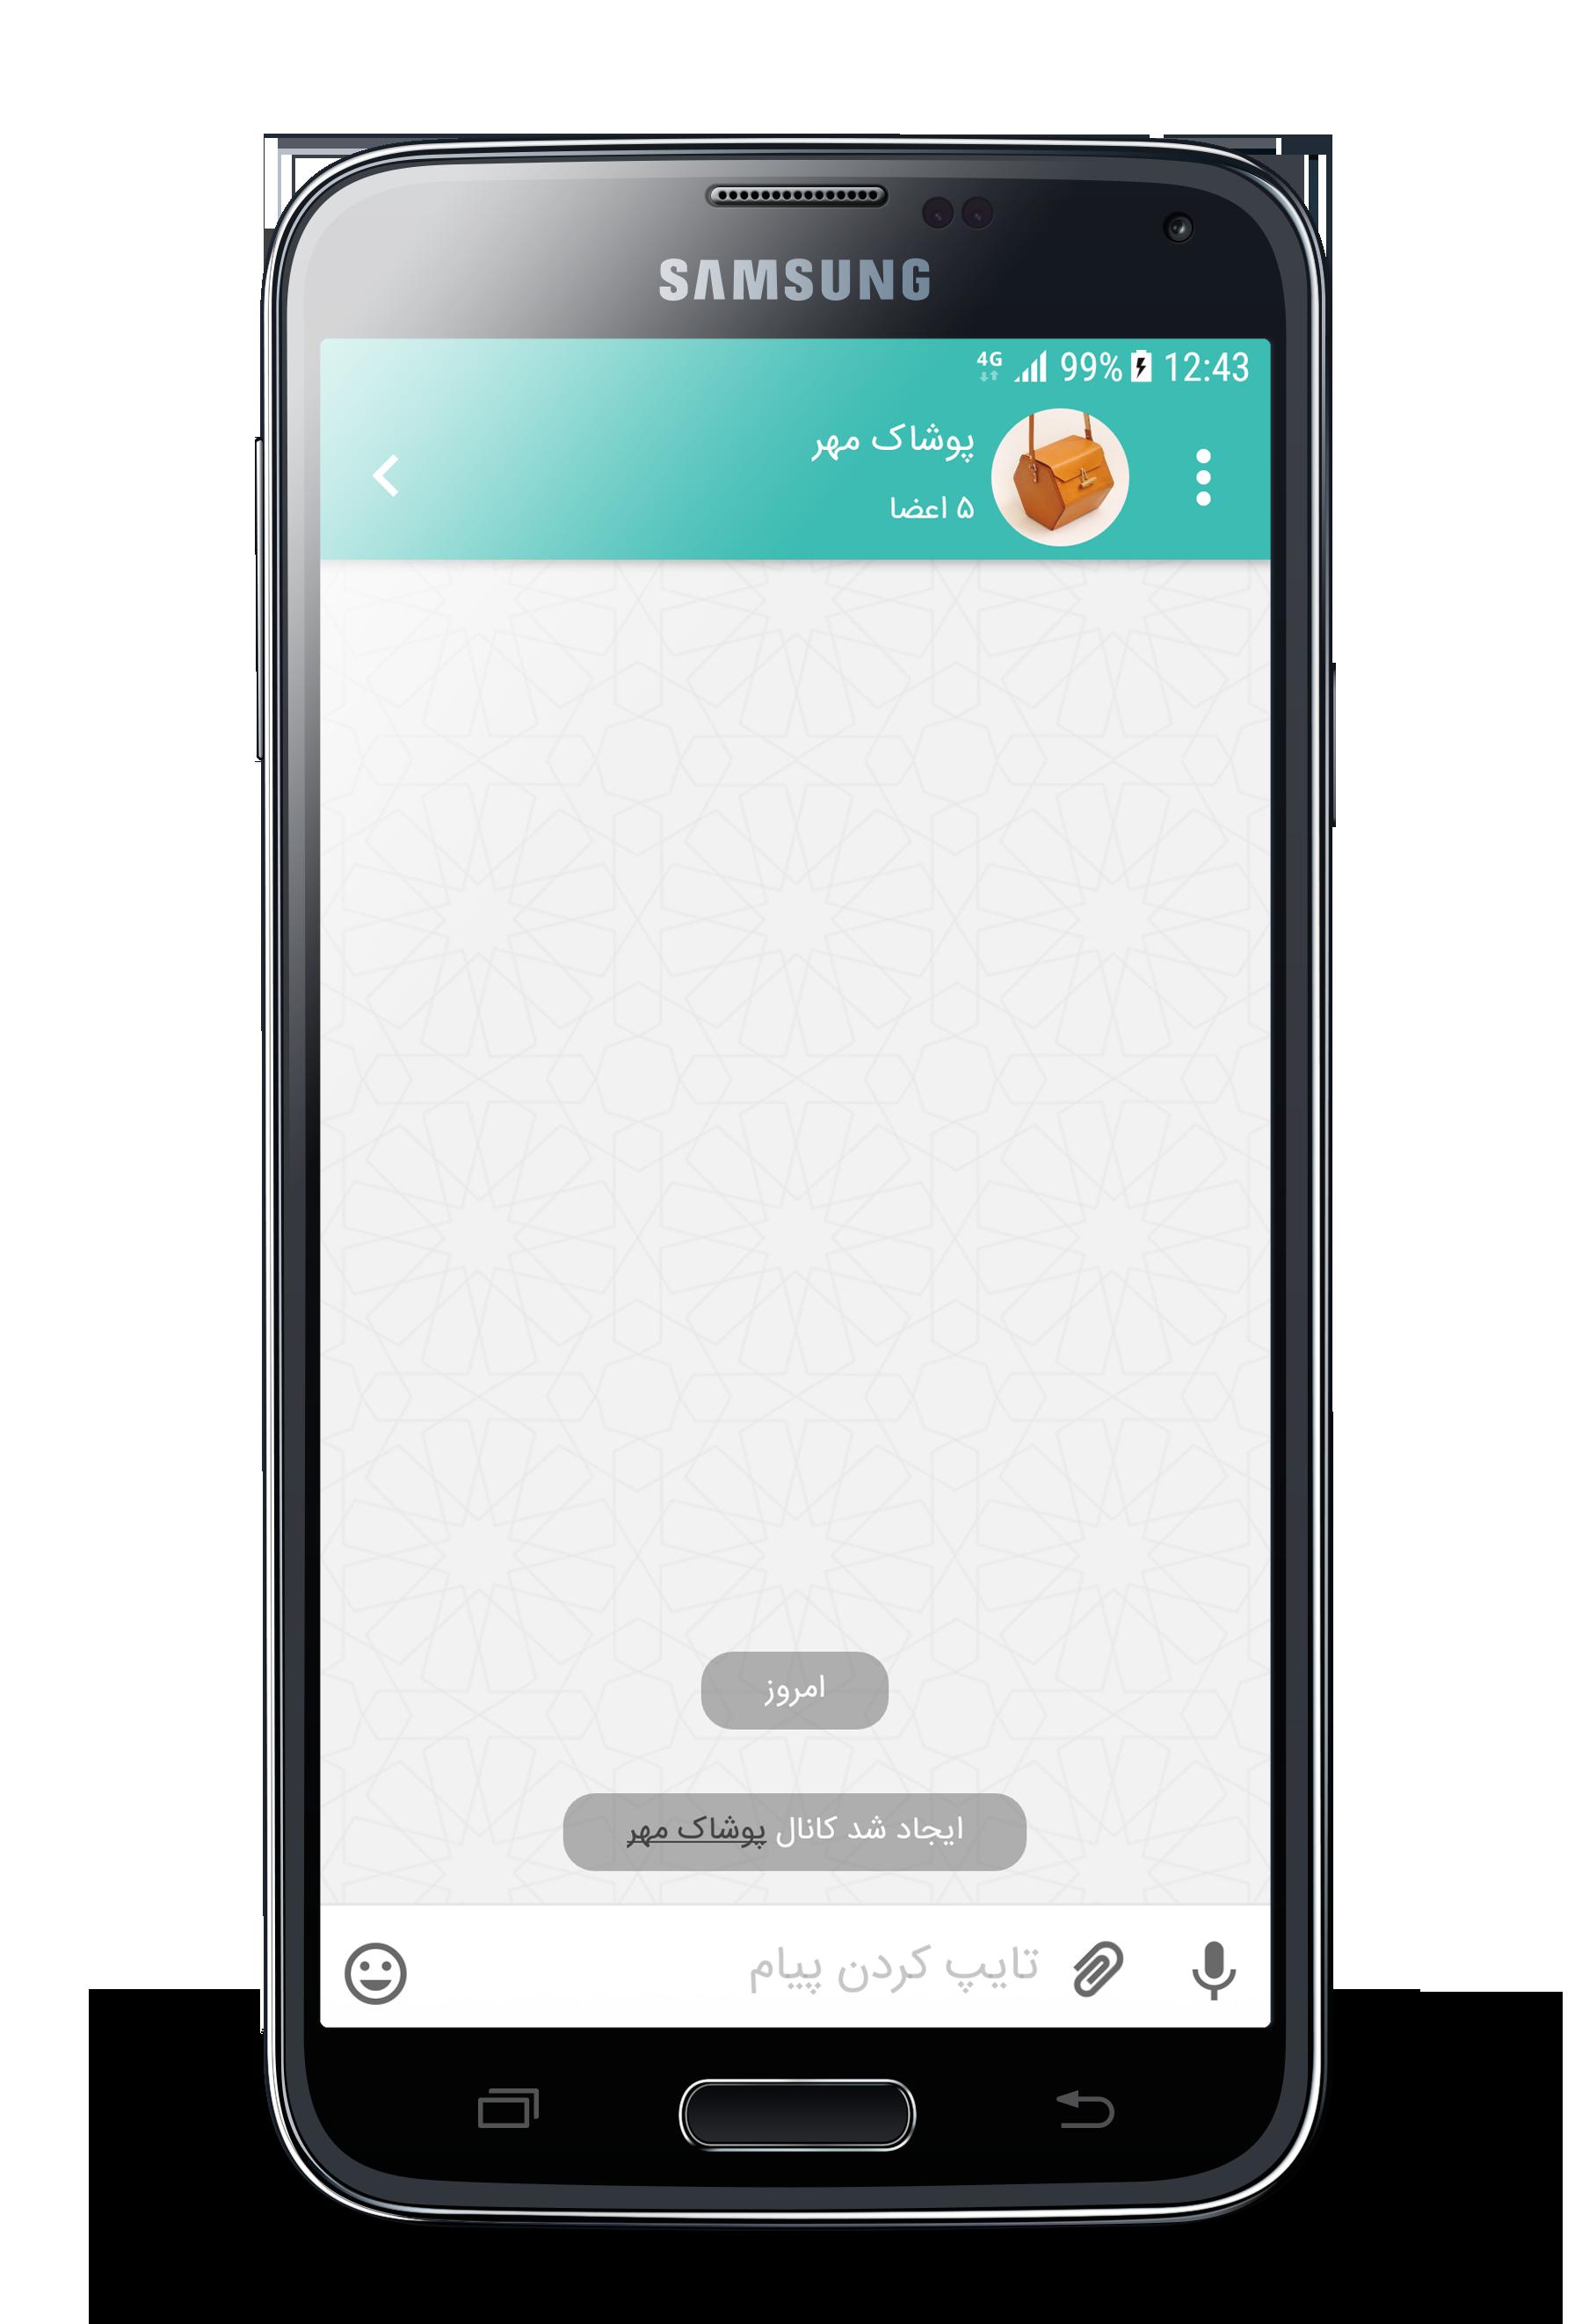 ساخت کانال در نسخه اندروید اپلیکیشن آیگپ